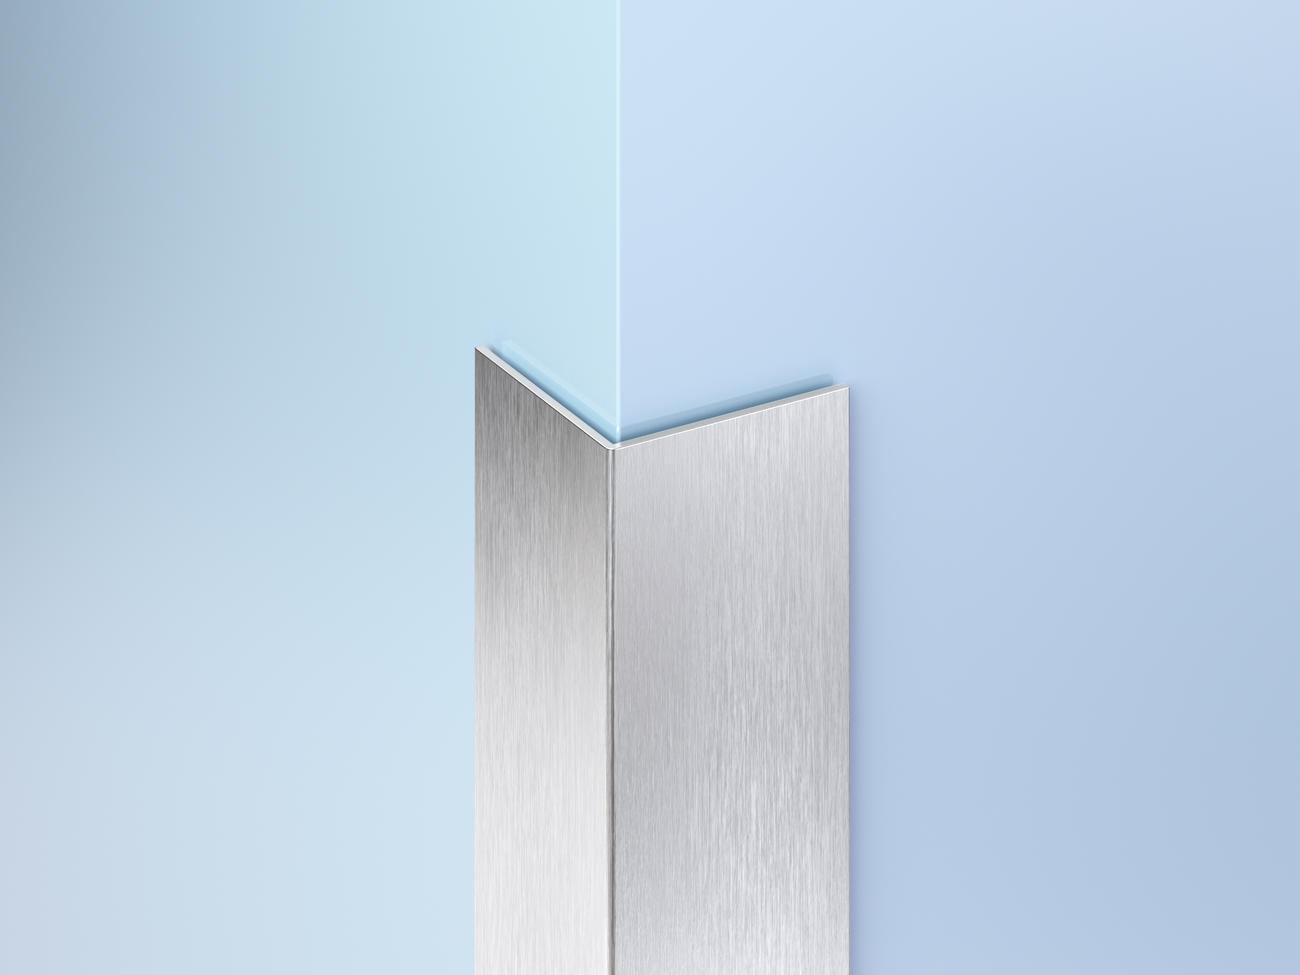 Aluminum Corner Guards